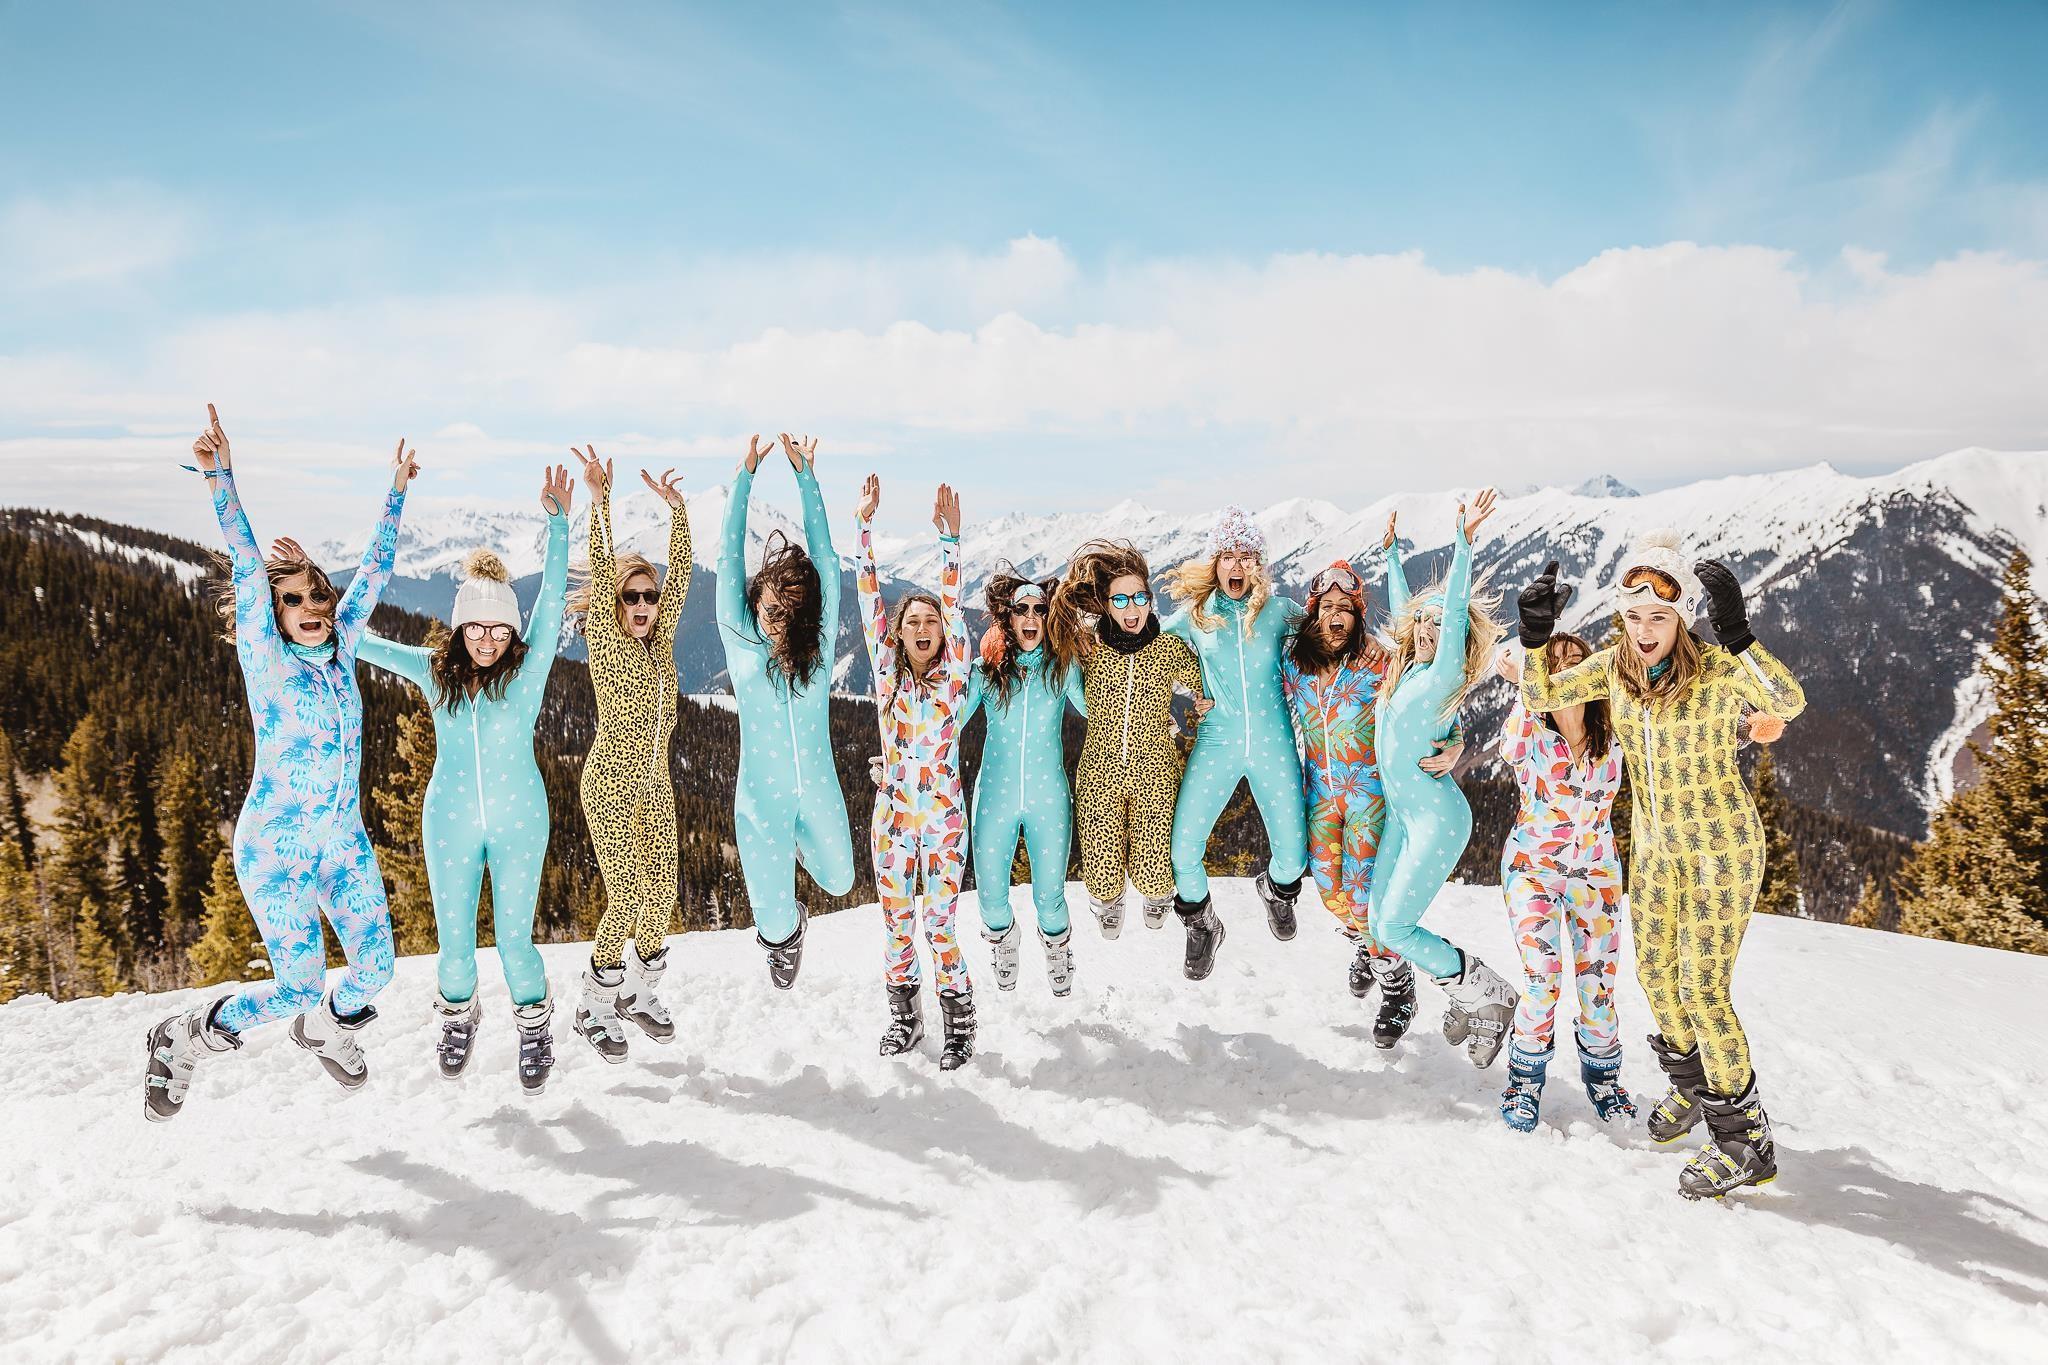 SKISAFARI#afspraak boven op de berg met je gekste outfit